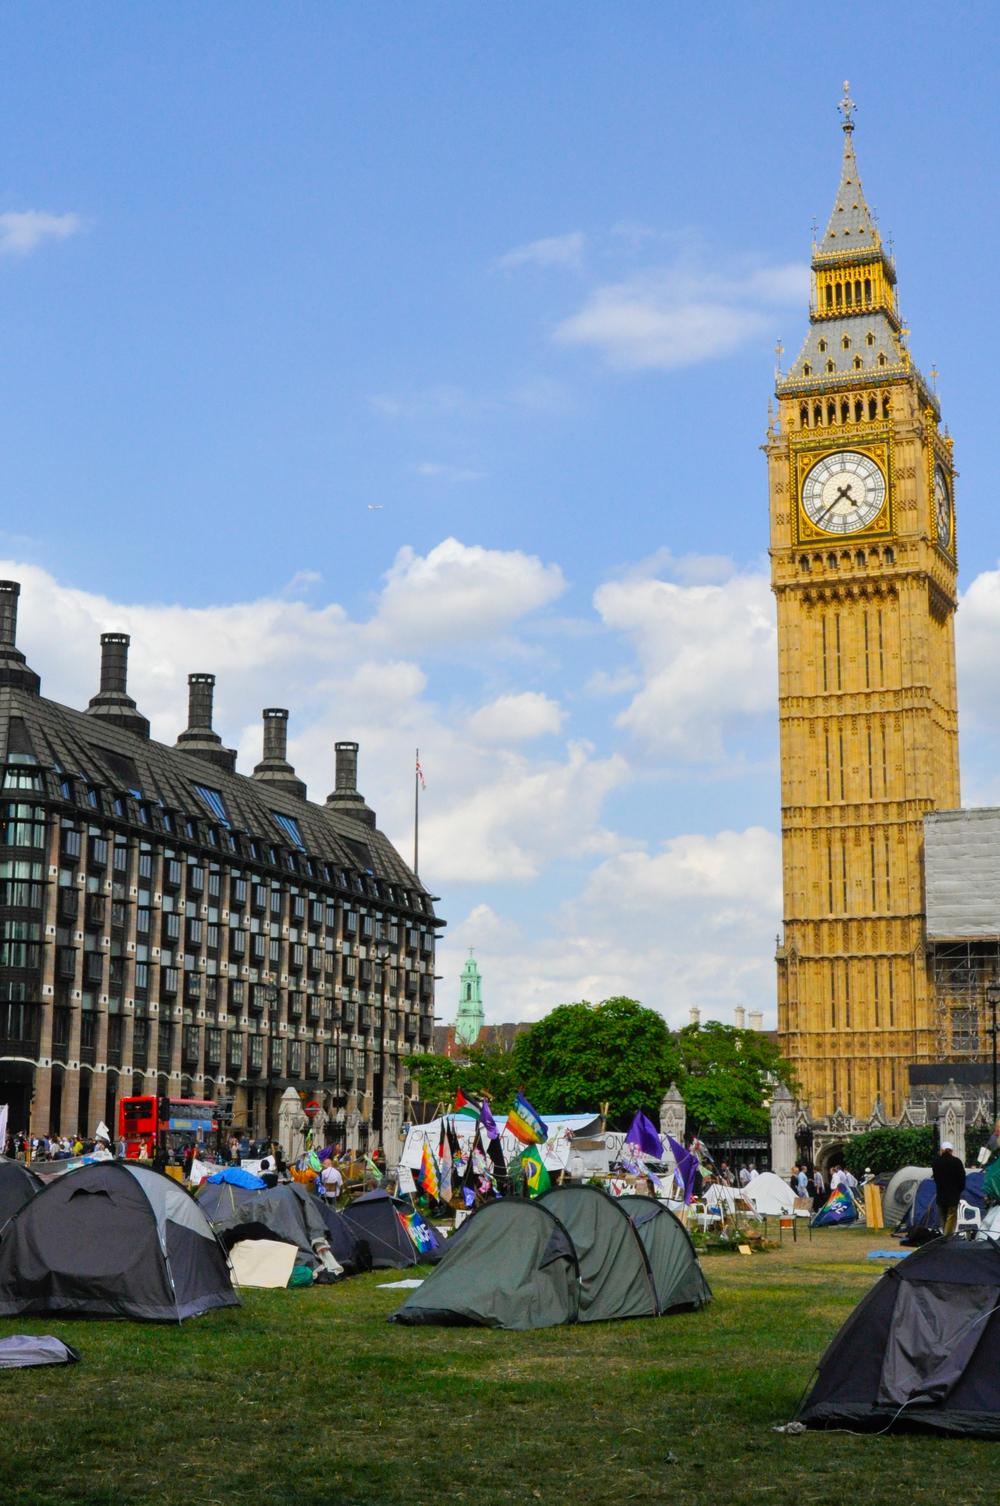 TheVermeerJump_London_7309.jpg